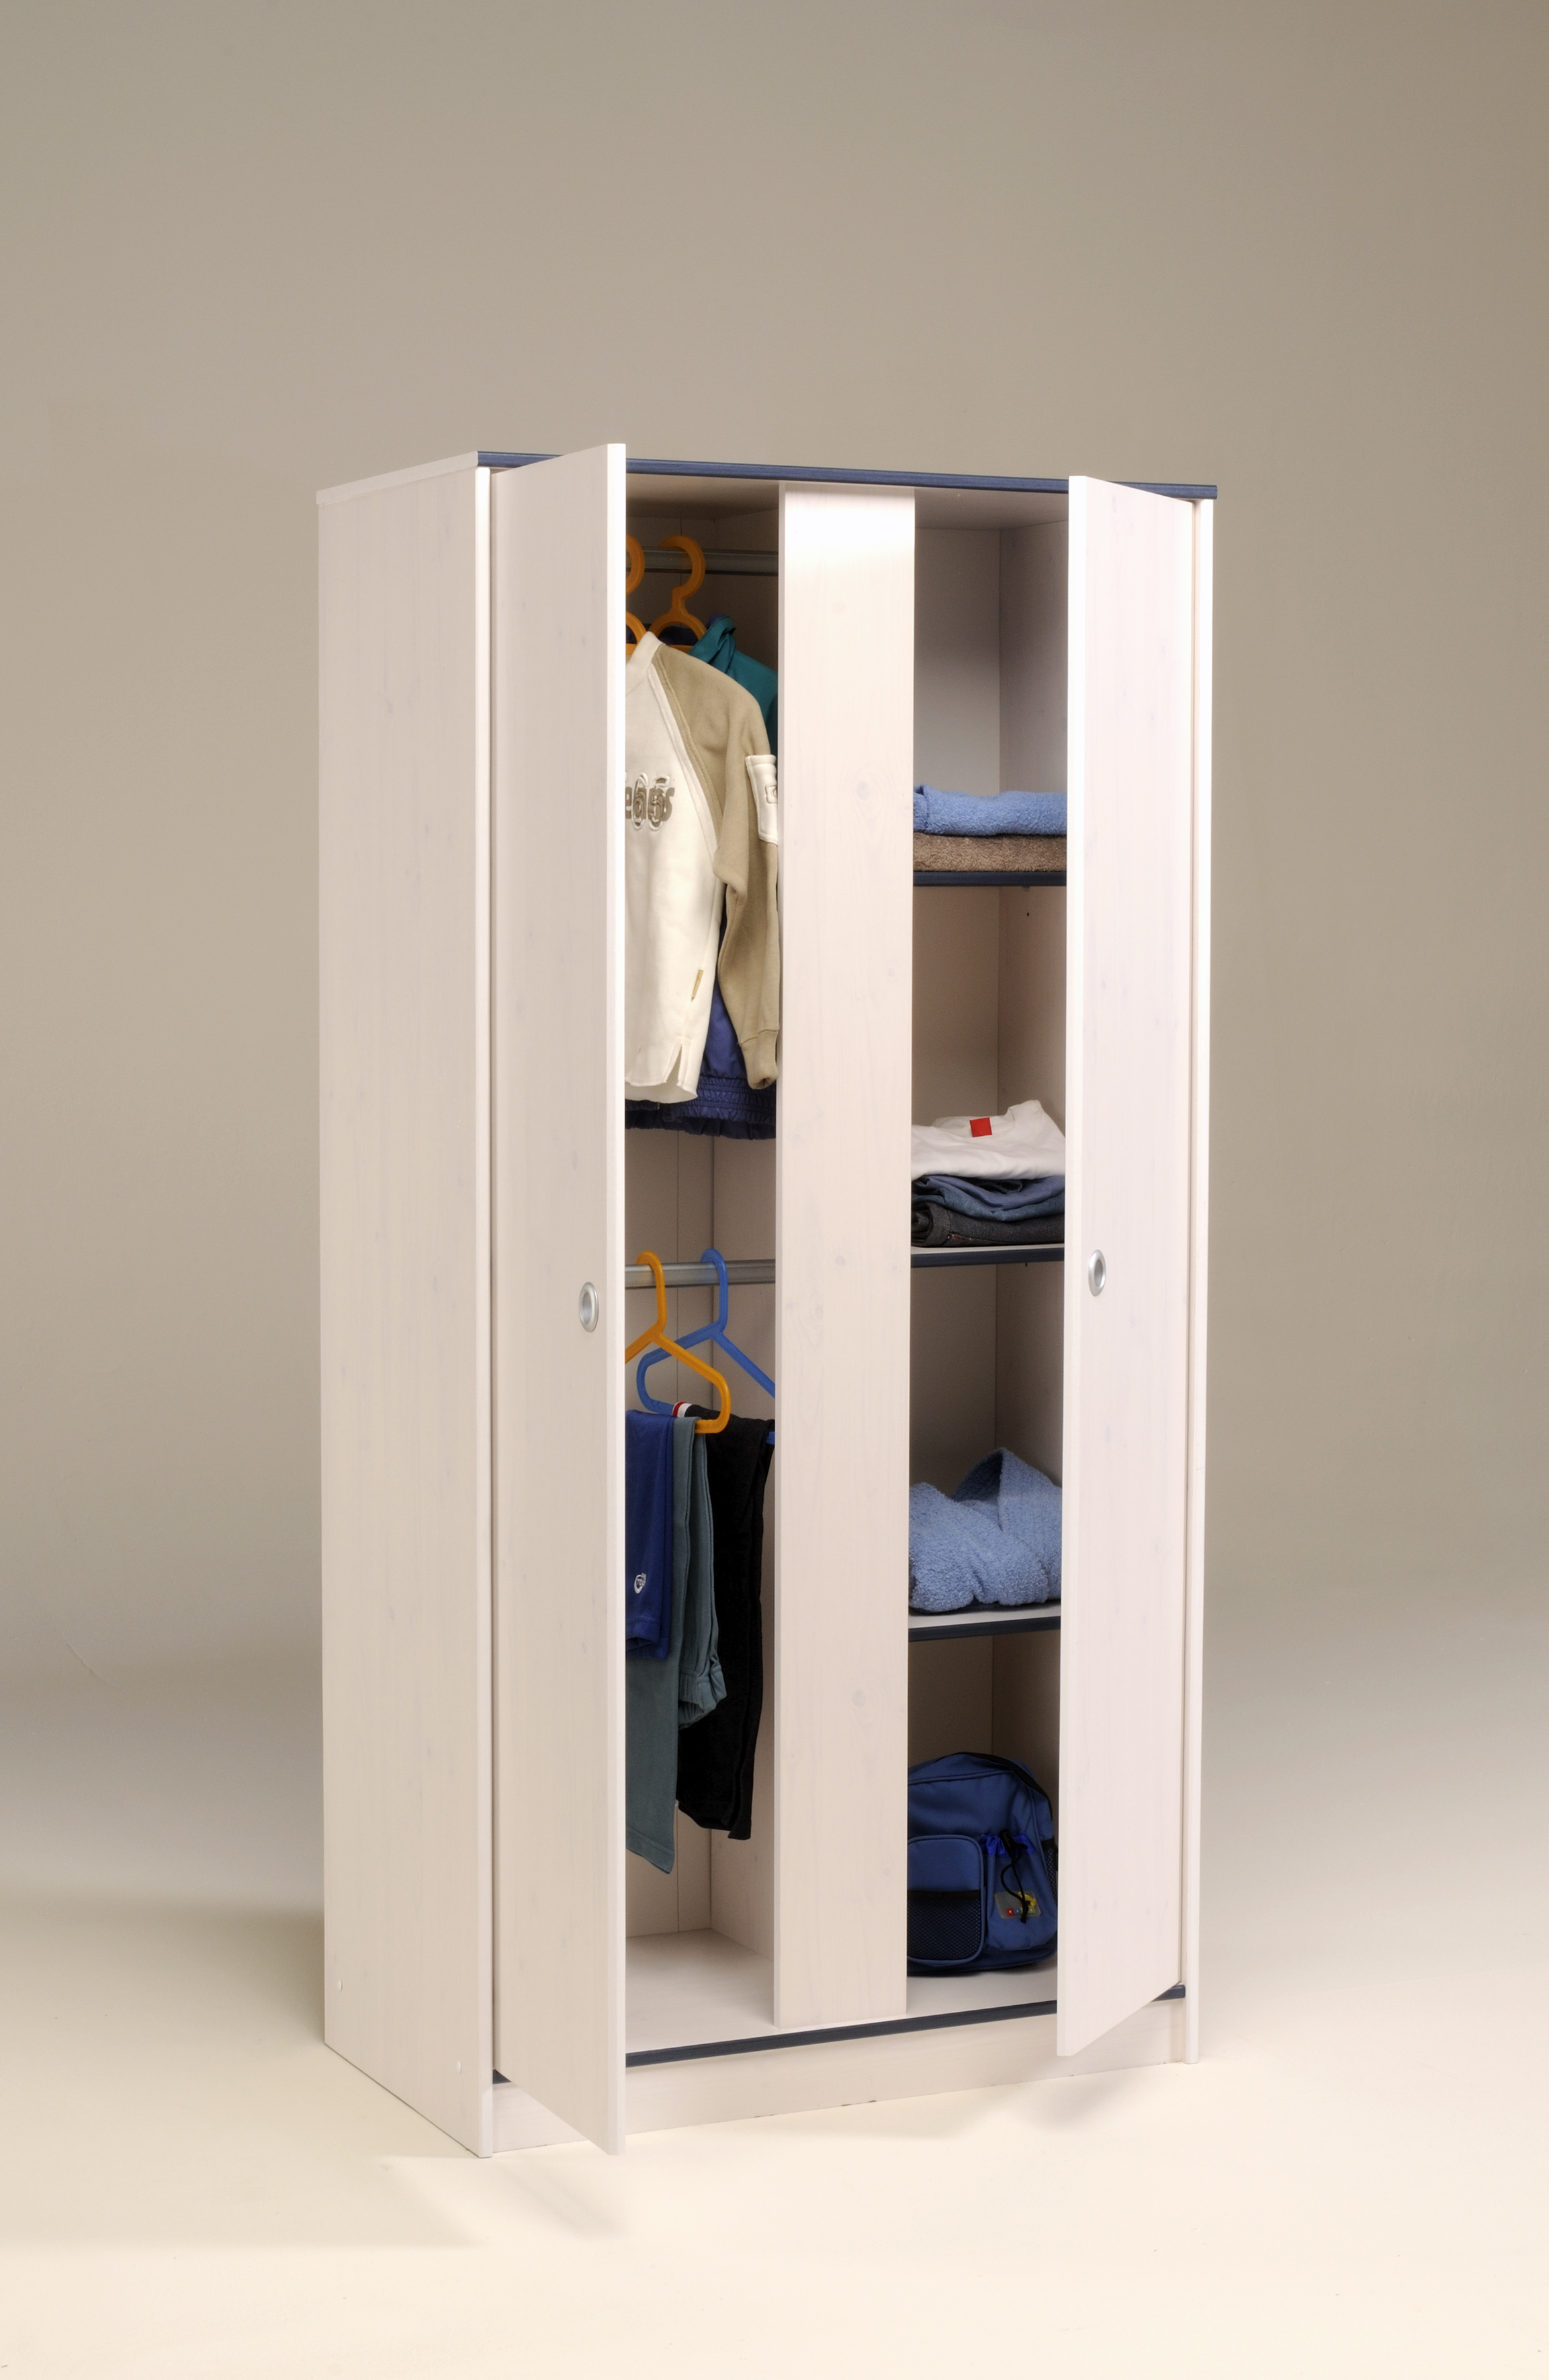 Schlafzimmer 4 Tlg. Inkl 90x200 Stauraumbett U 2 Trg Kleiderschrank Smoozy  21b Von Parisot Kiefer Weiss / Pink